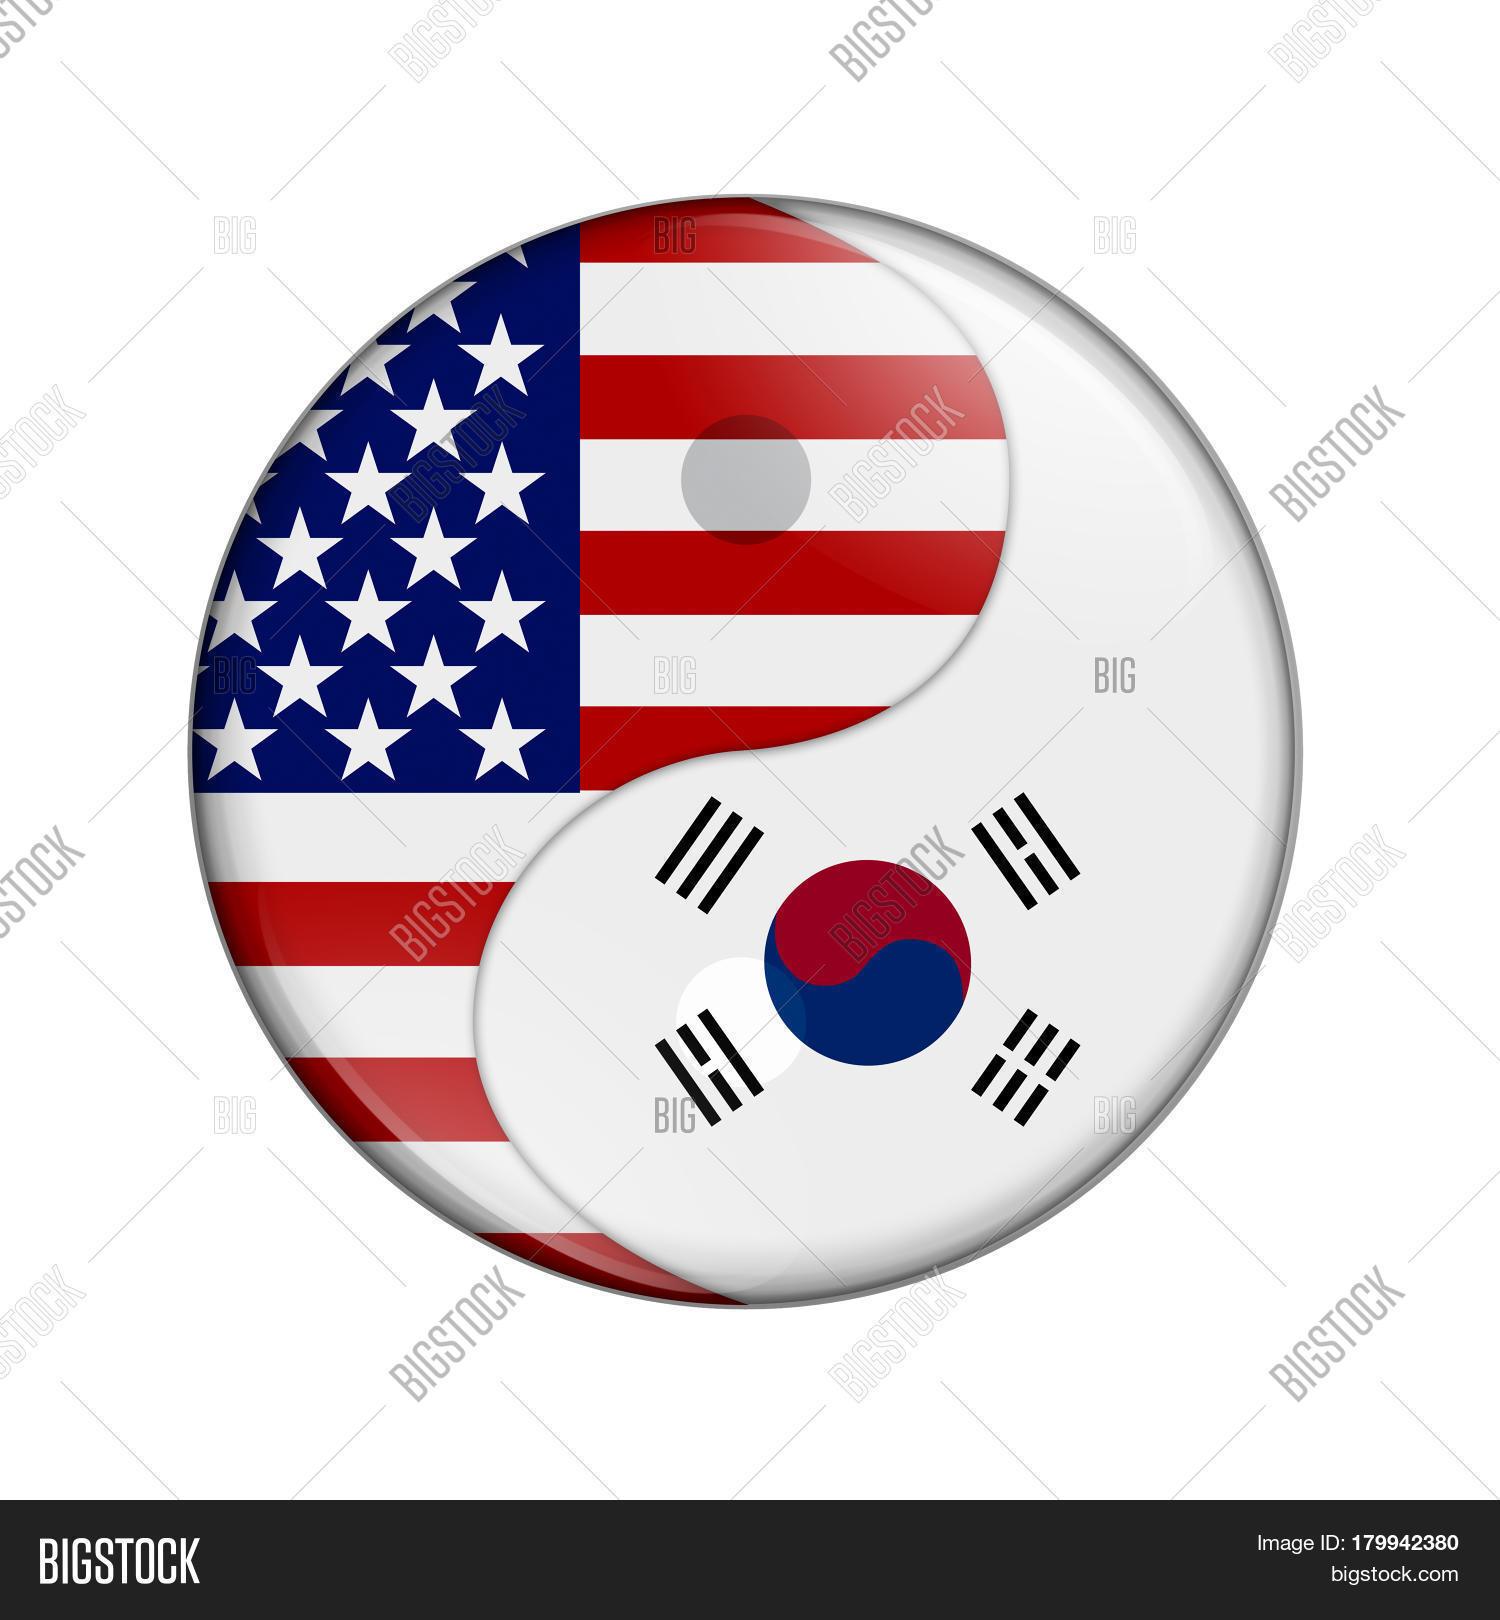 Usa south korea working together us image photo bigstock usa and south korea working together the us flag and south korean flag on a yin buycottarizona Choice Image